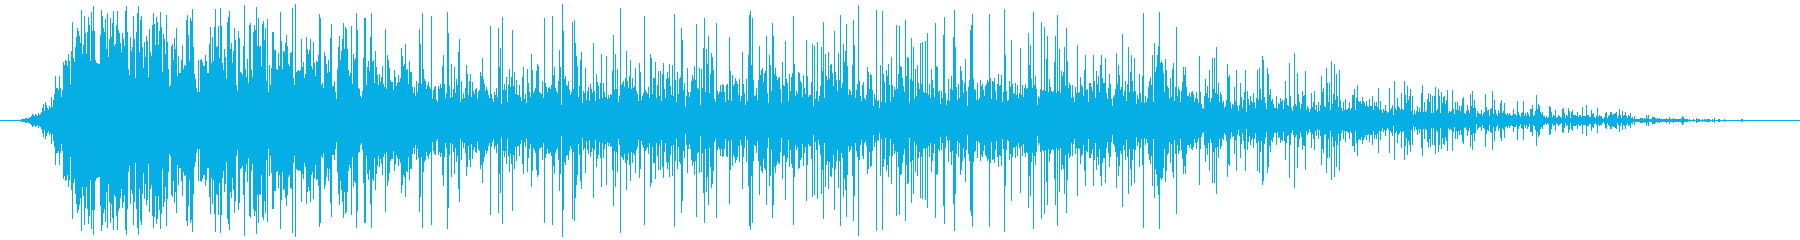 ヘビーファイアバーストとクラックルバーンの再生済みの波形